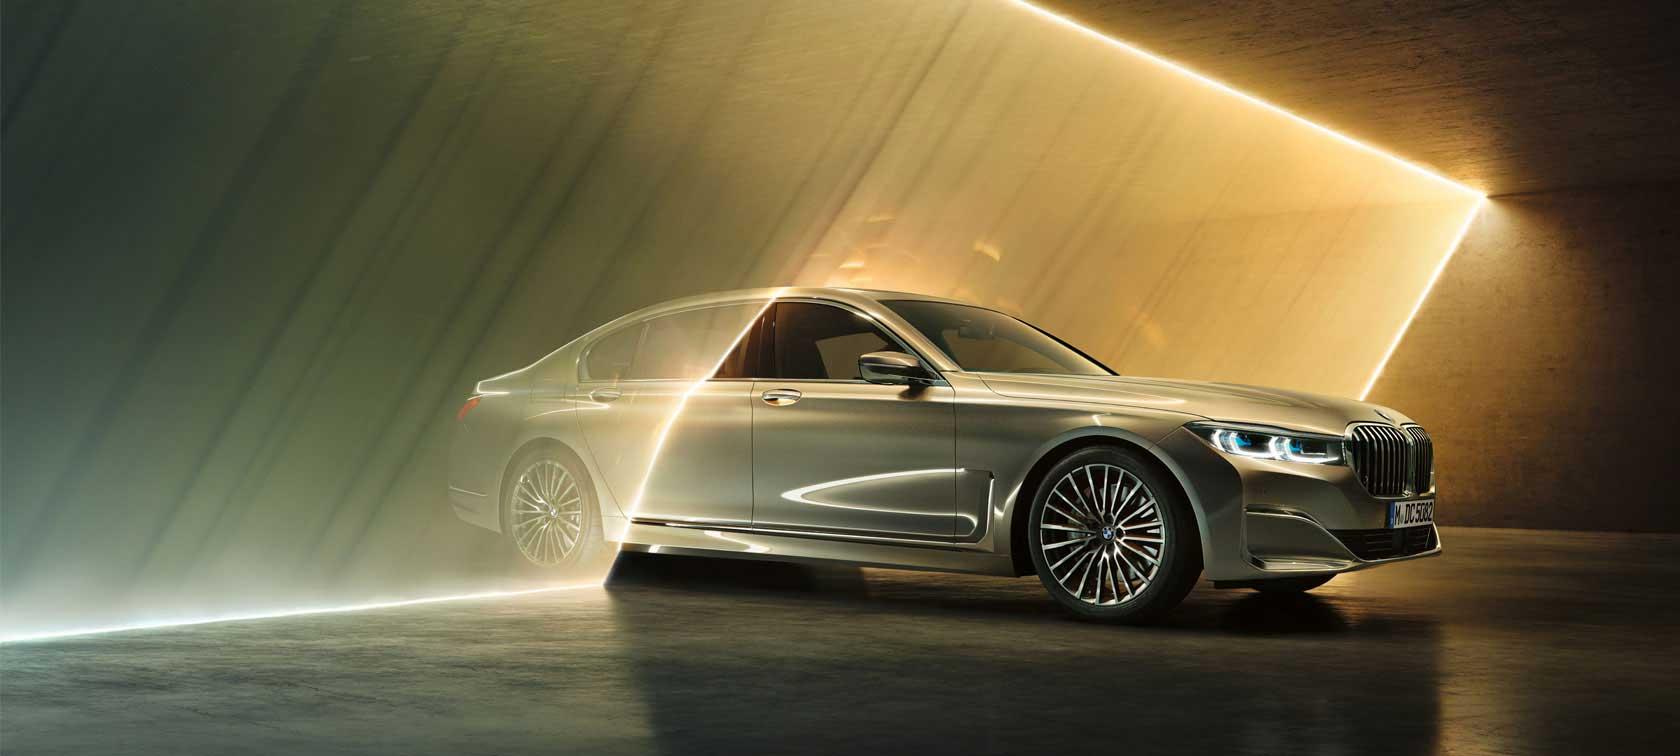 Bmw 7er Die Limousine Der Luxusklasse Bmwde